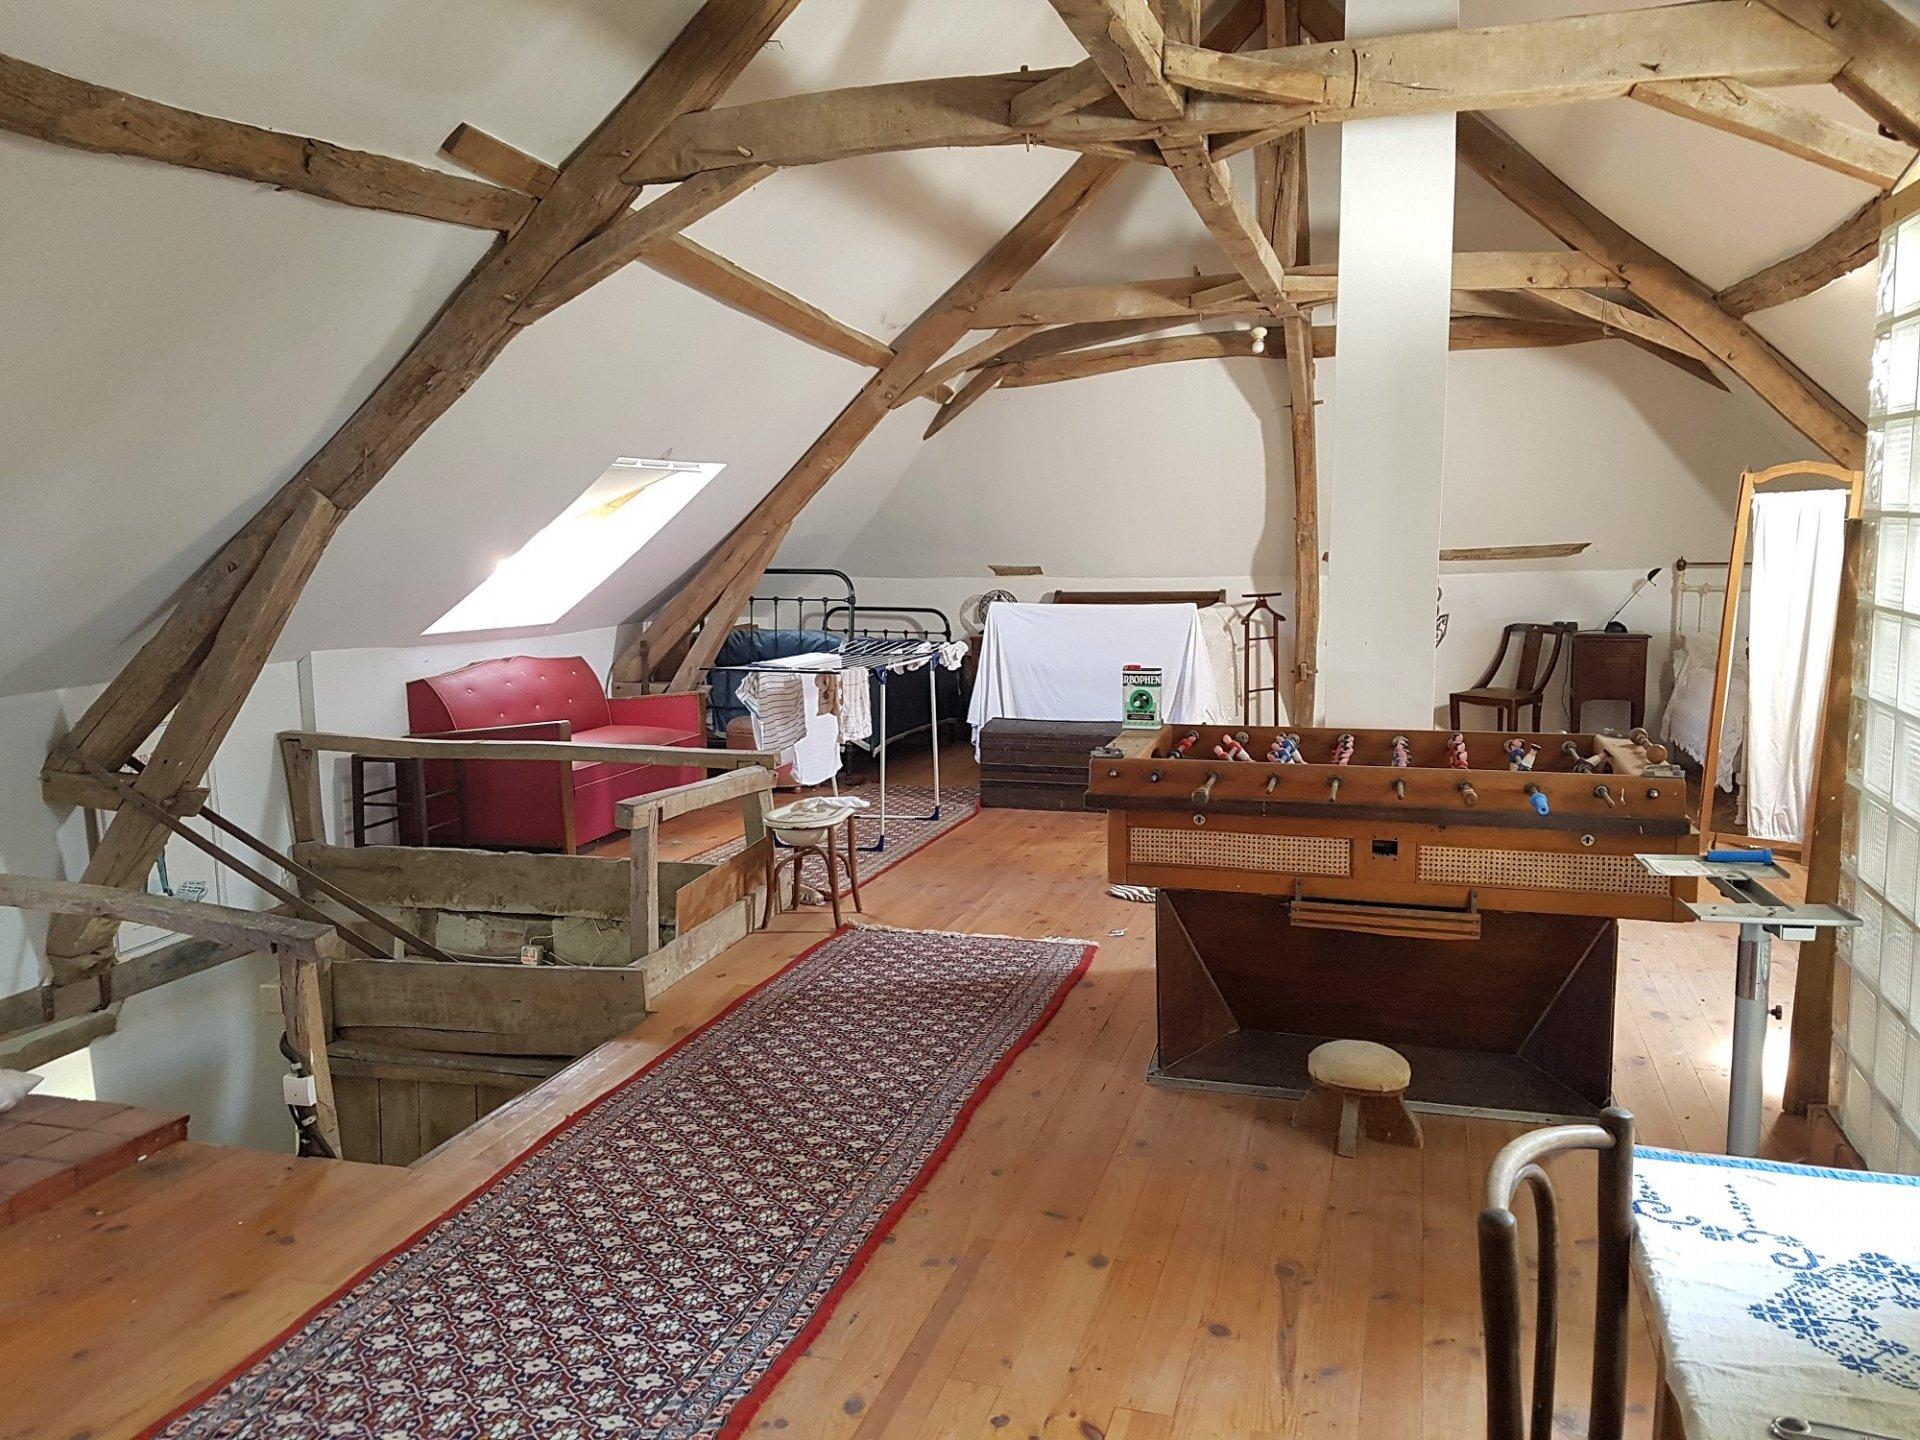 Maison avec grange à vendre dans la Brenne 36 (Prissac)